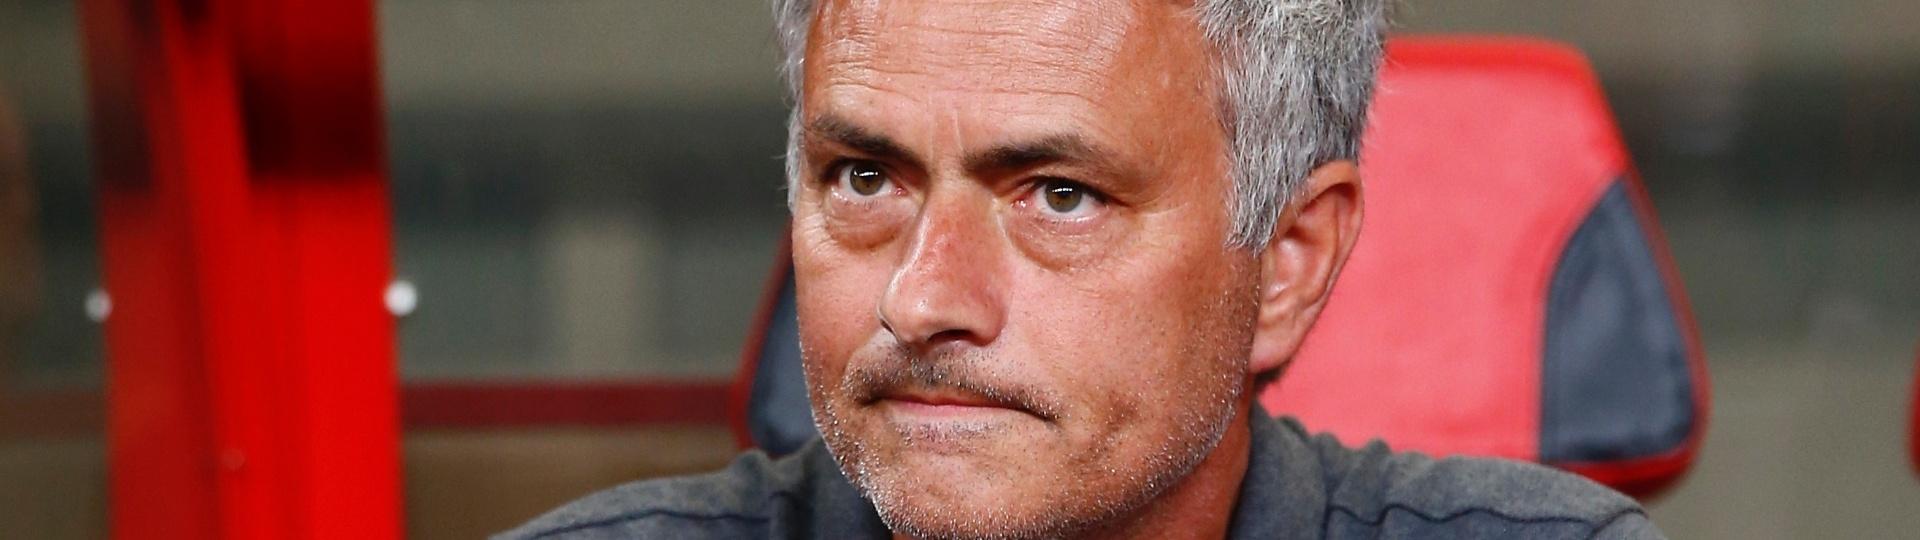 Técnico do United, Mourinho acompanha o amistoso contra Dortmund